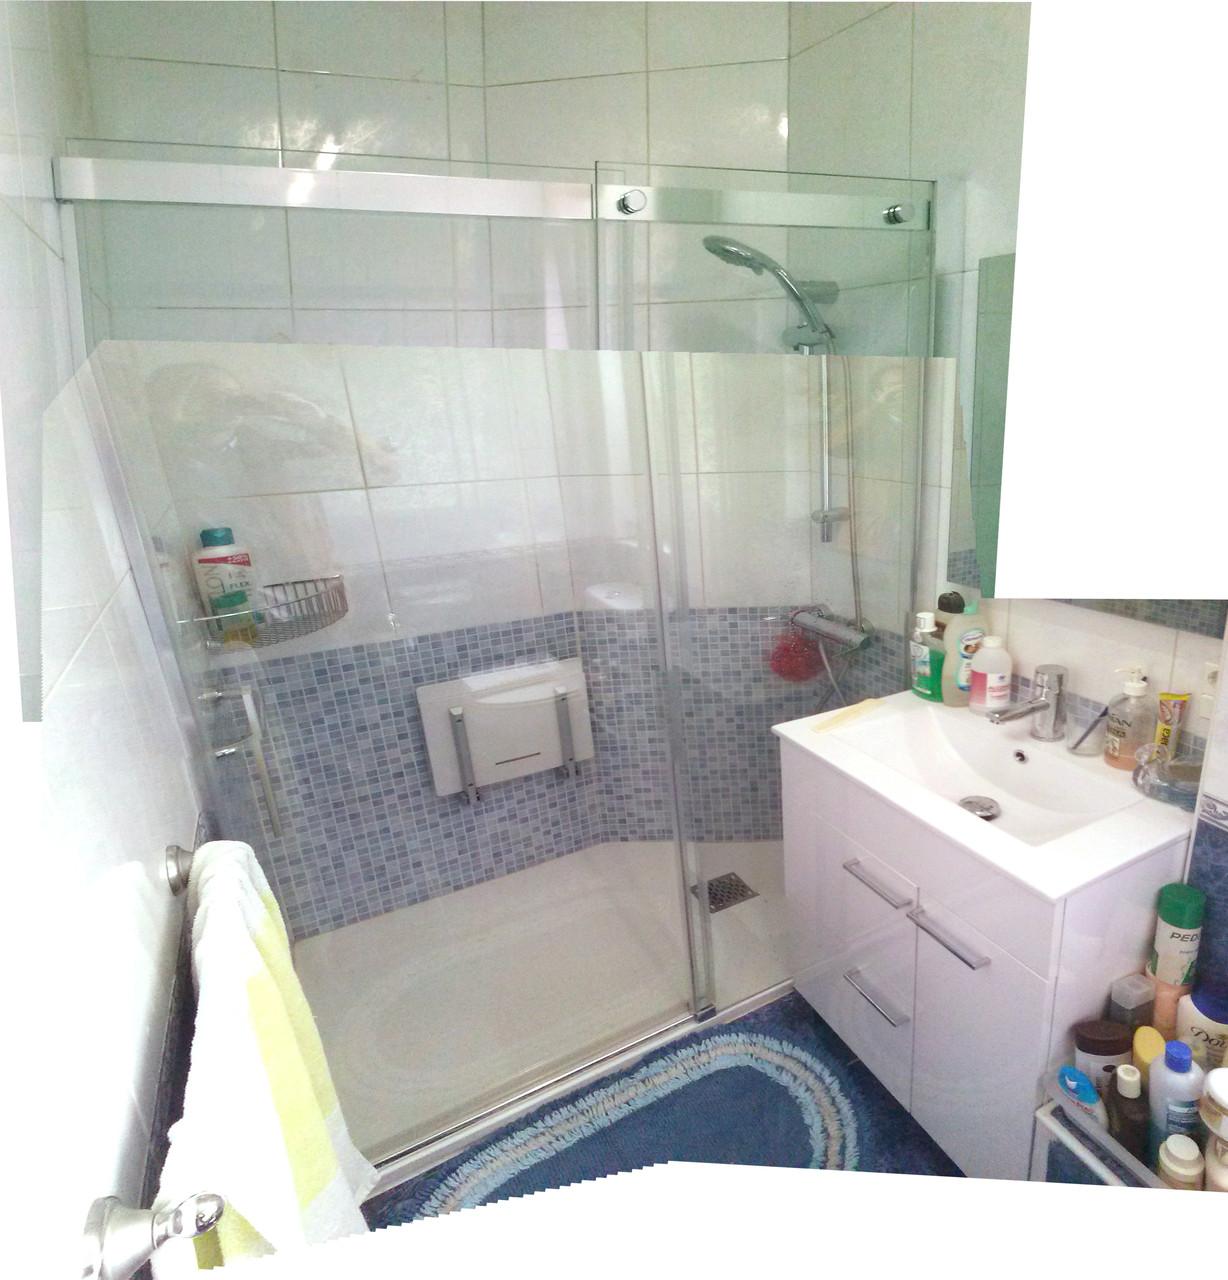 reubicacion de plato de ducha y mueble lavabo con plato de ducha con corte especial en chaflan